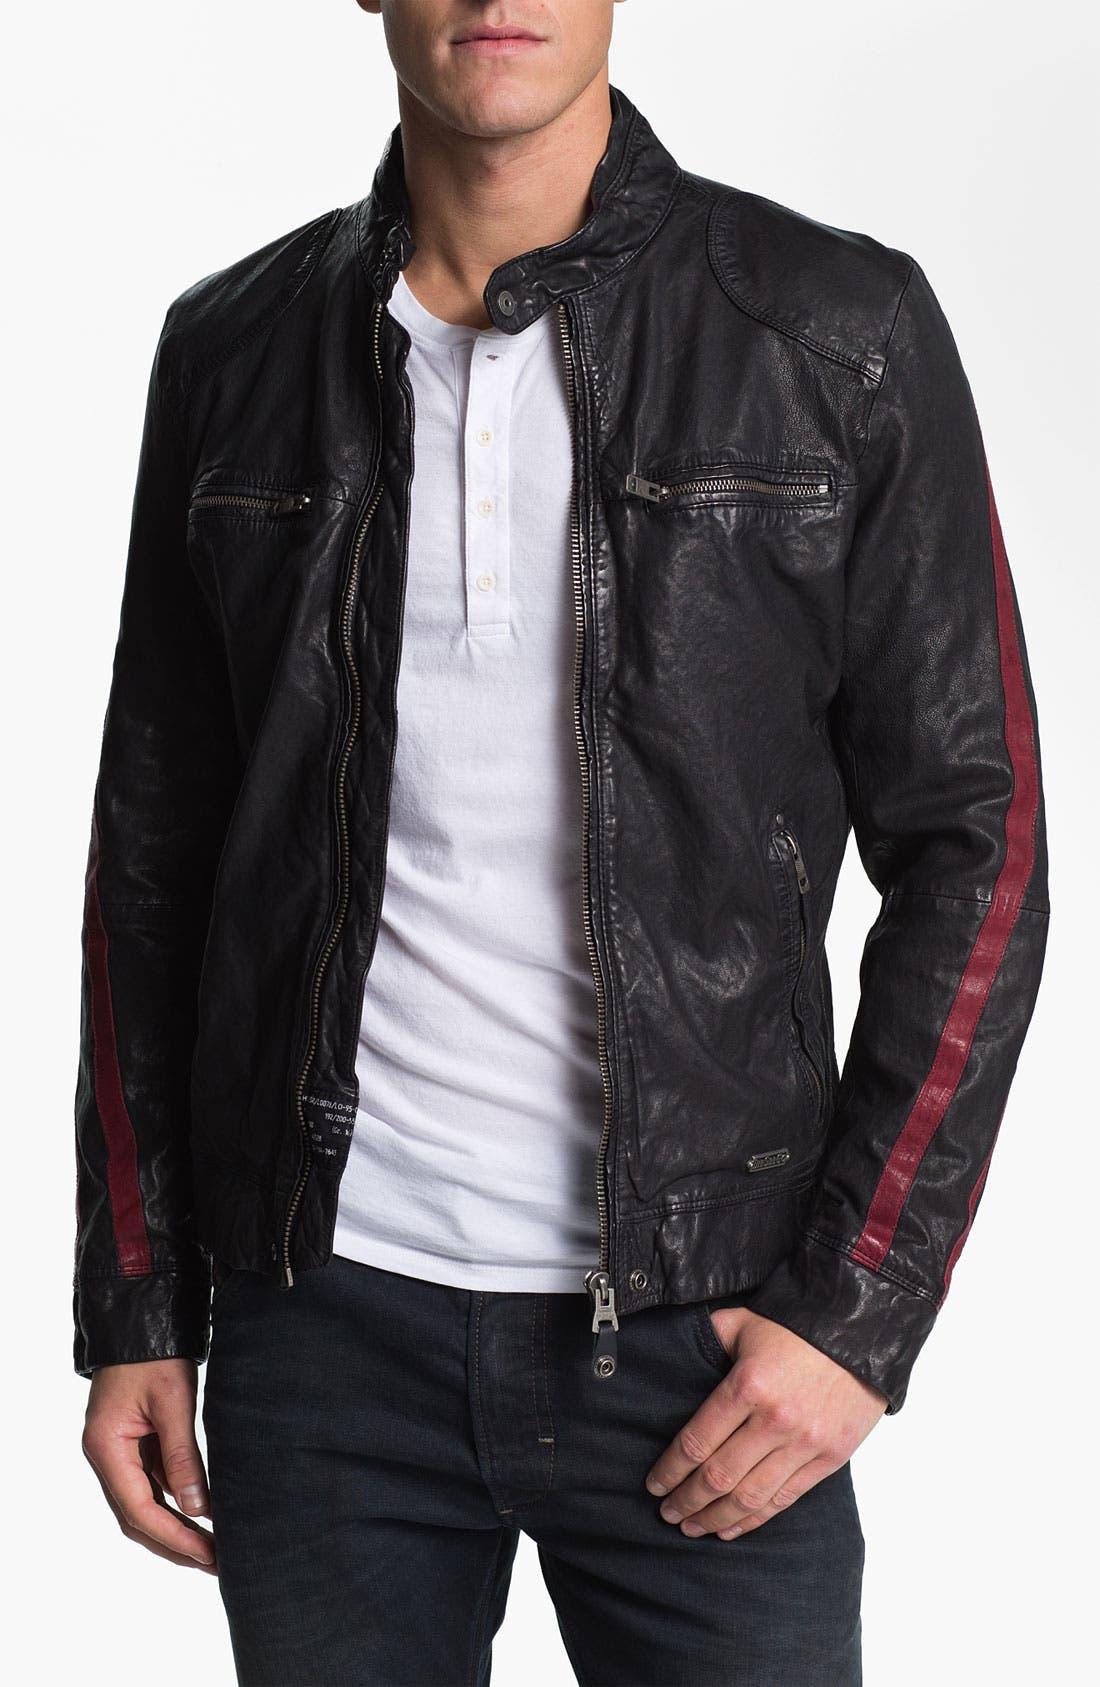 Alternate Image 1 Selected - DIESEL® 'Liris' Leather Jacket